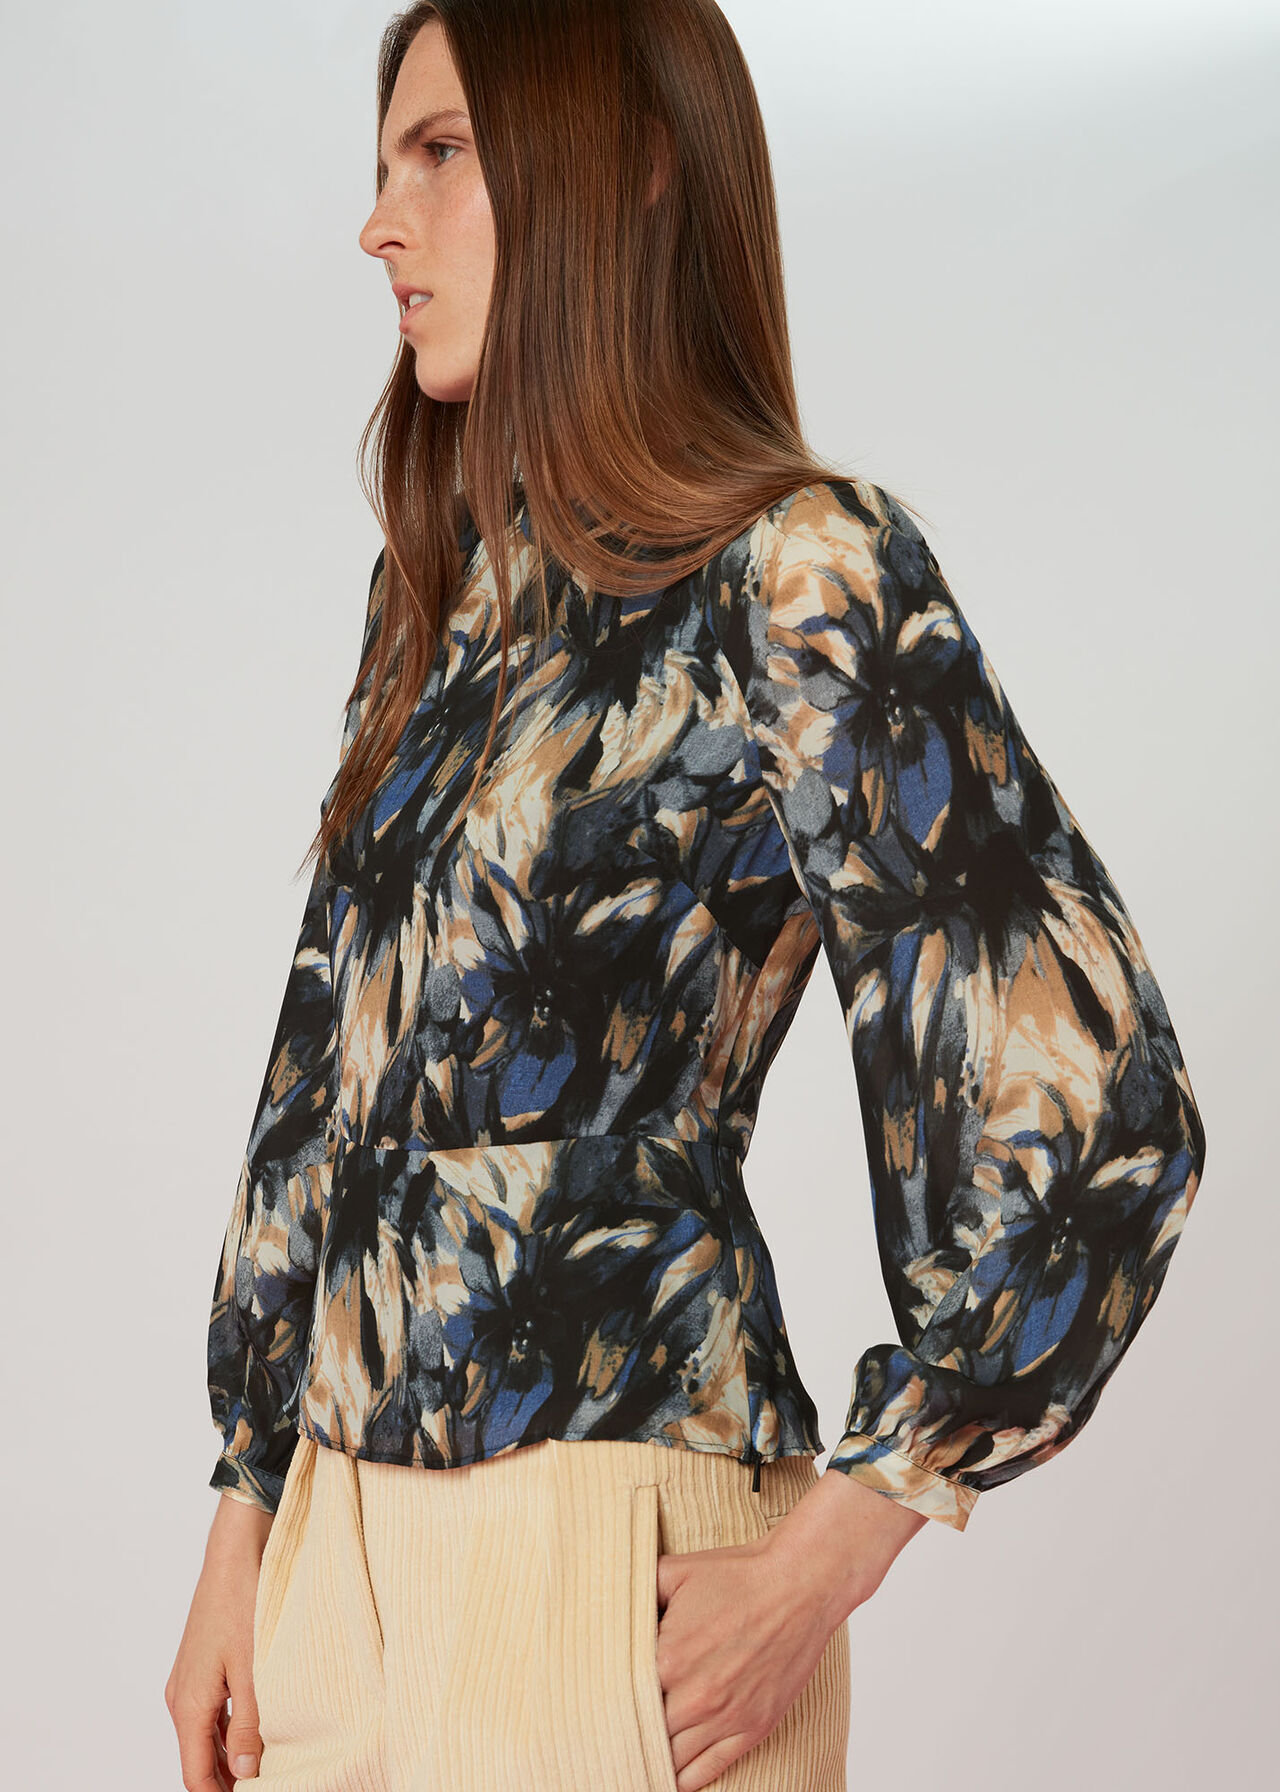 Storm Floral Silk Blouse